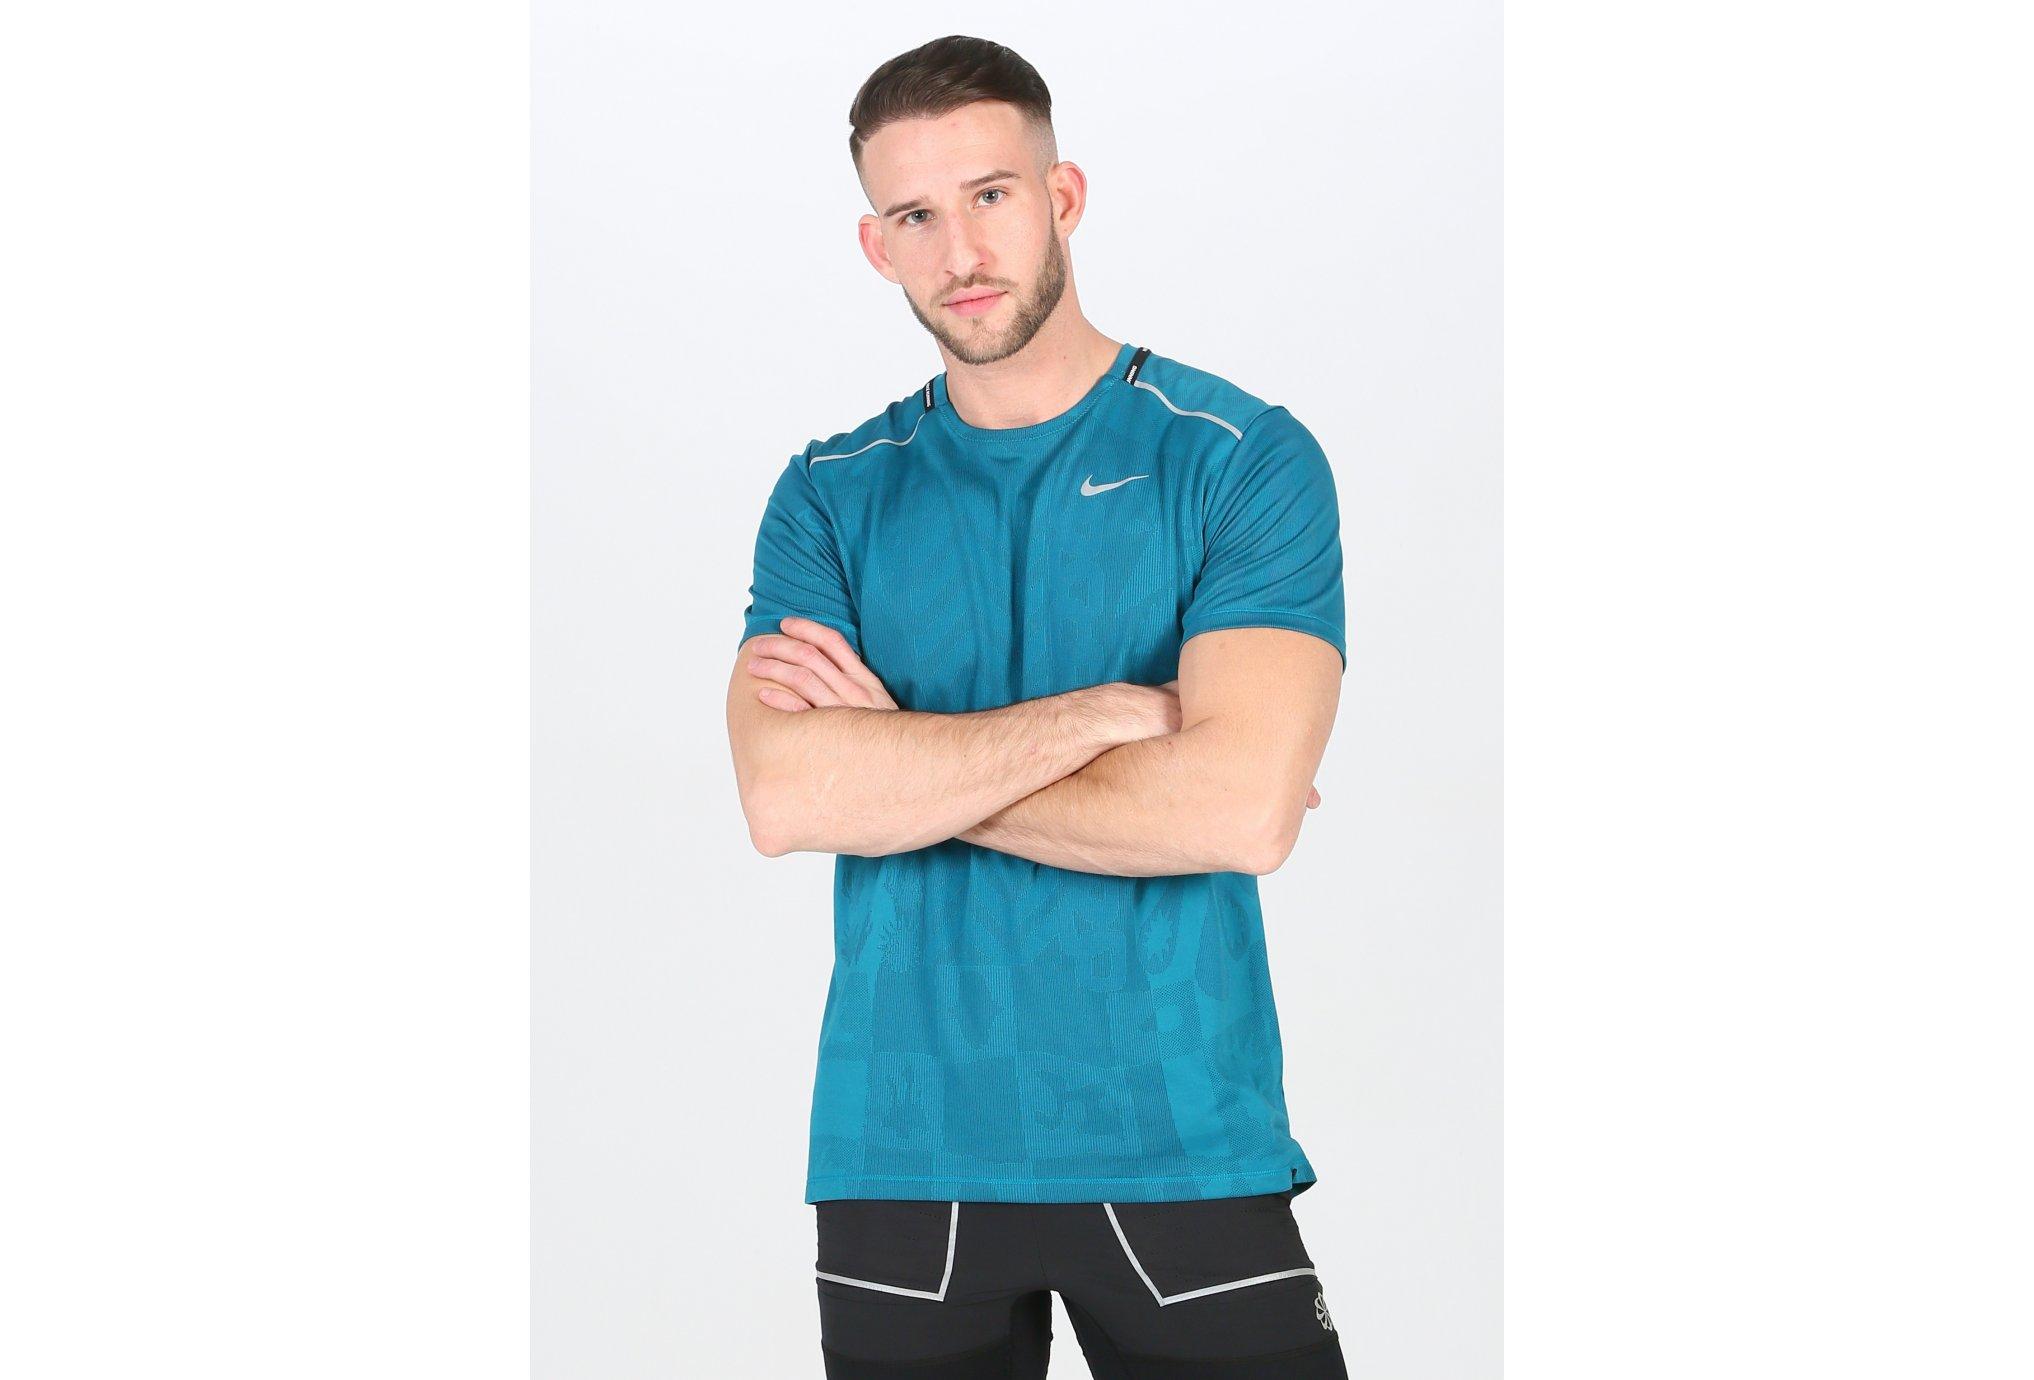 Nike Wild Run TechKnit M Diététique Vêtements homme